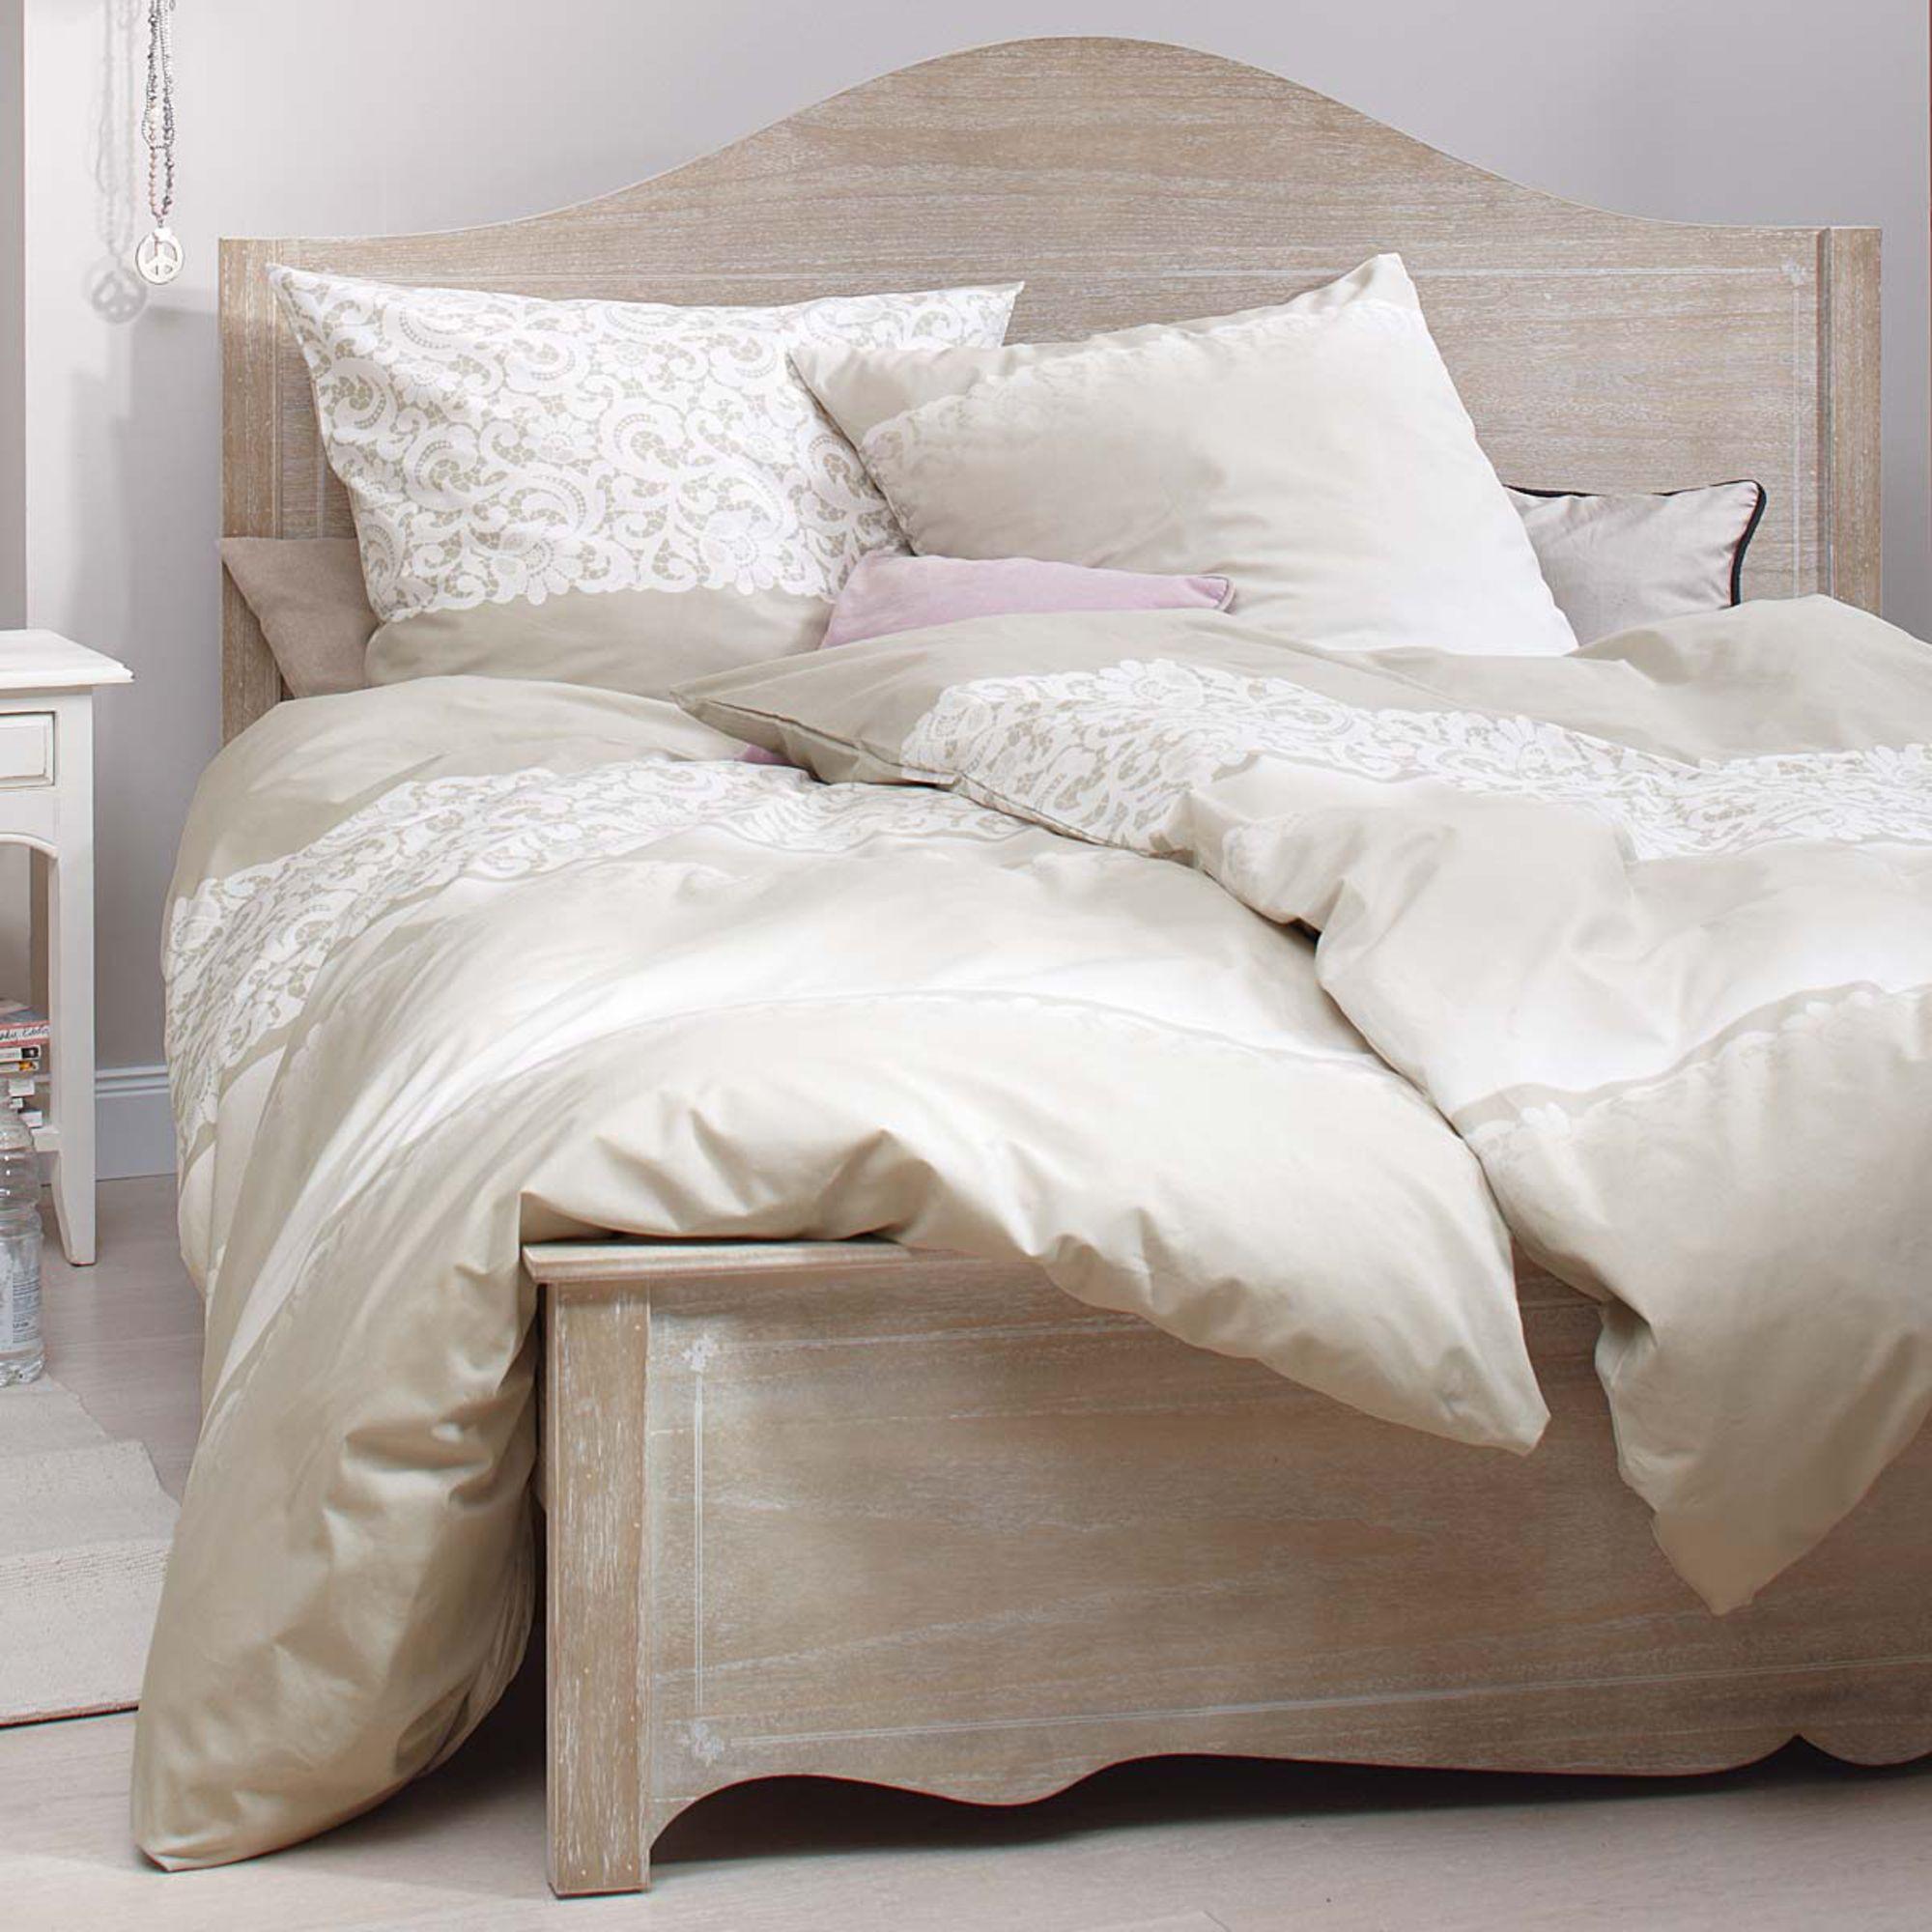 bettw sche bed sheets decor pinterest bettwaesche impressionen und schlafzimmer. Black Bedroom Furniture Sets. Home Design Ideas